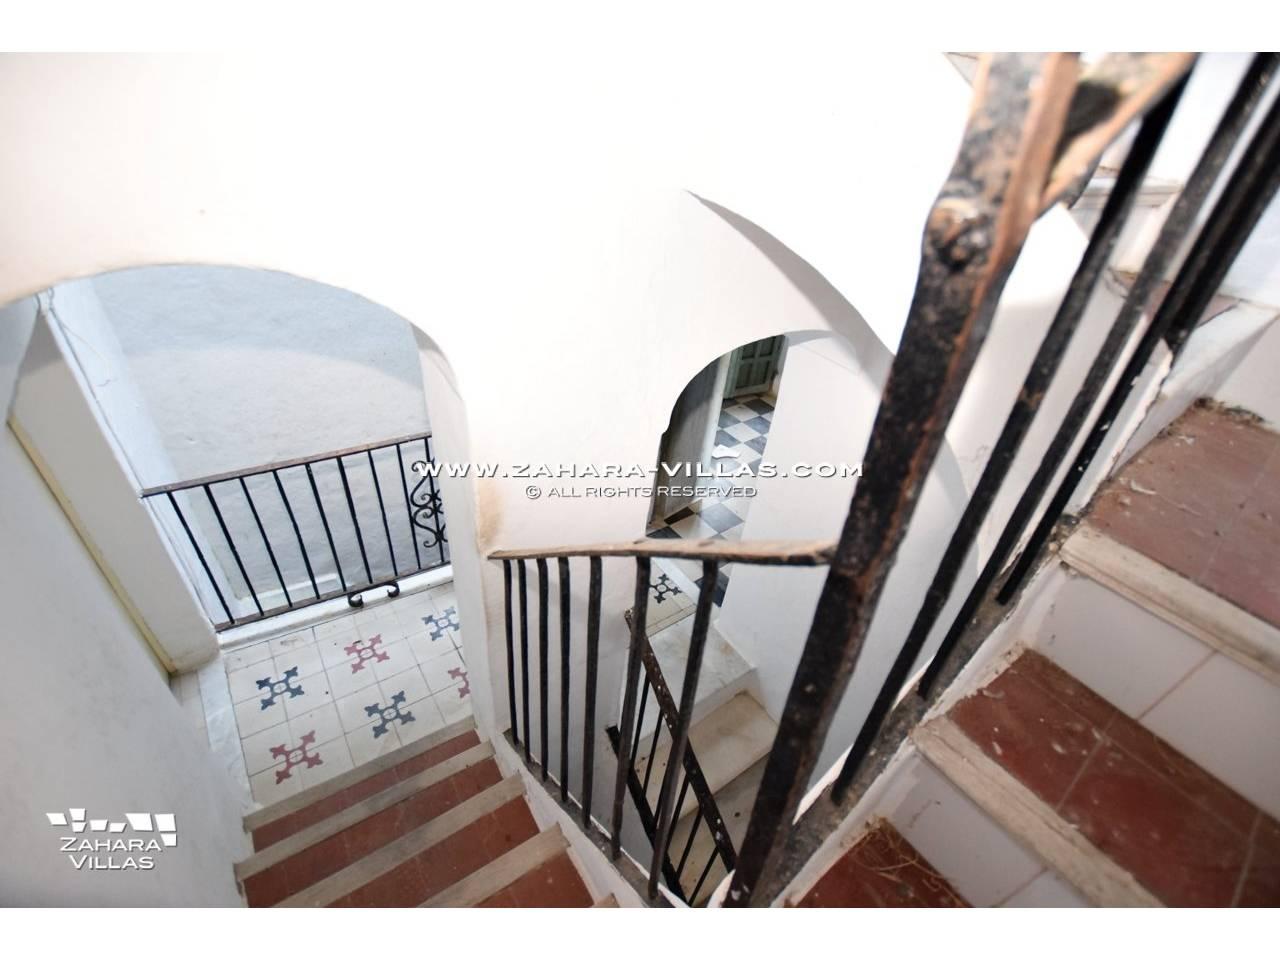 Imagen 9 de Historic buildings for sale in Vejer de la Frontera are sold